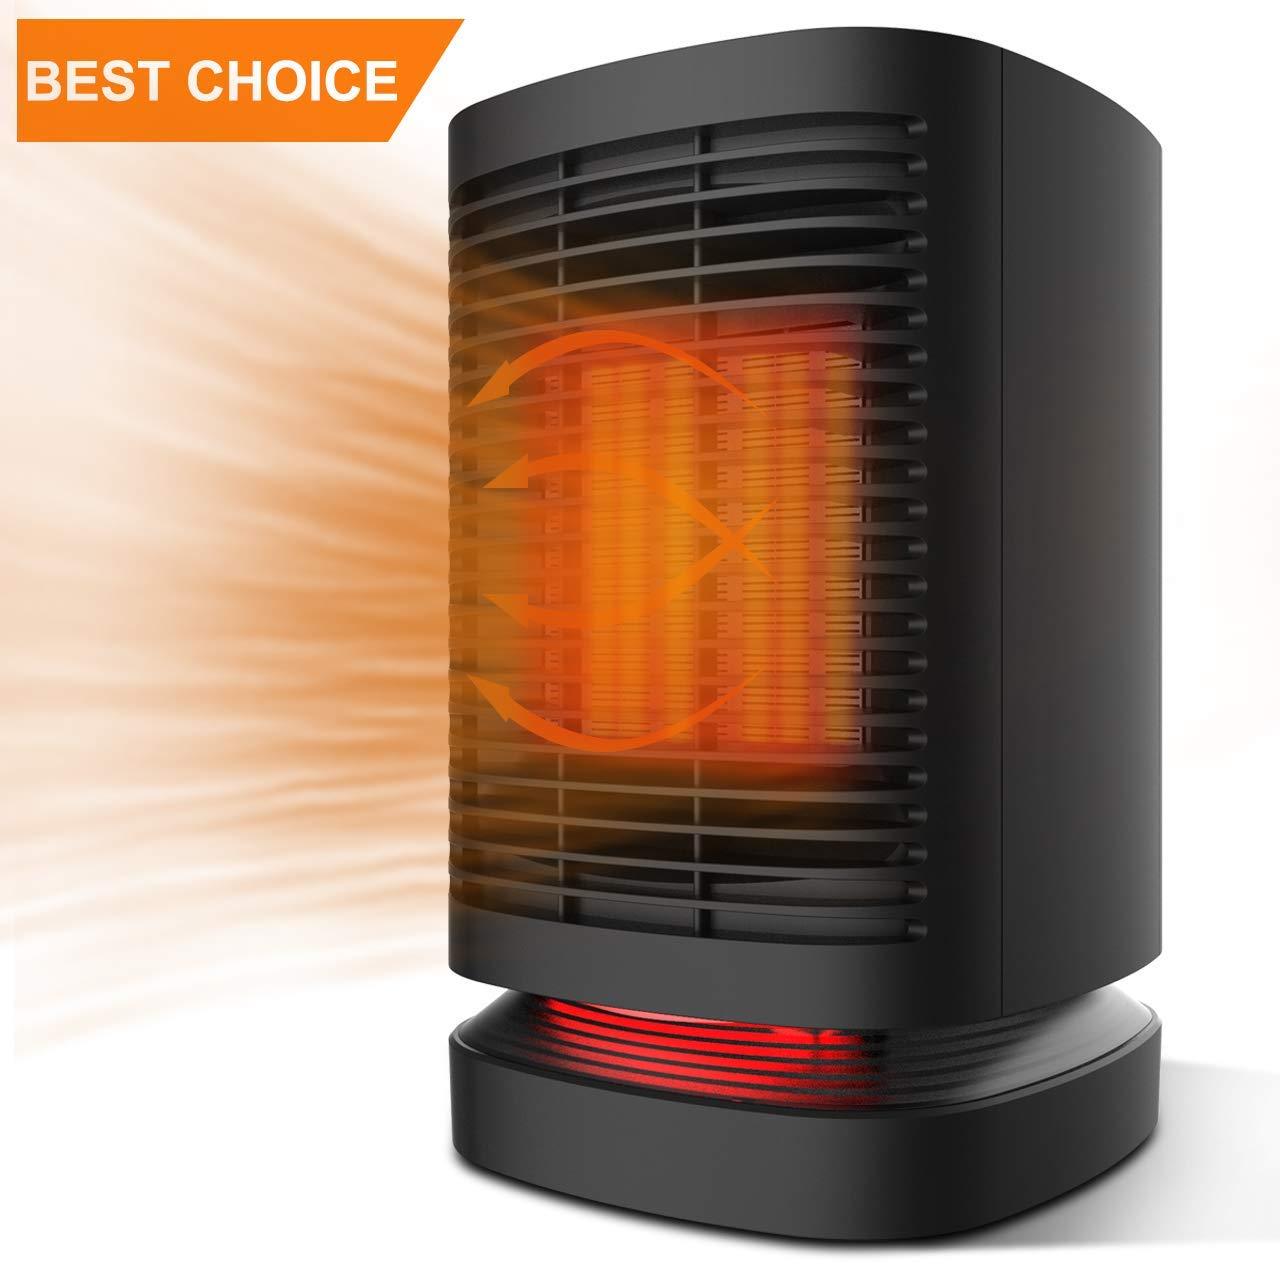 DOUHE Calefactor Eléctrico Cerámica, Calentador de Aire Caliente de Bajo Consumo Estufa Portatil Espacio Personal